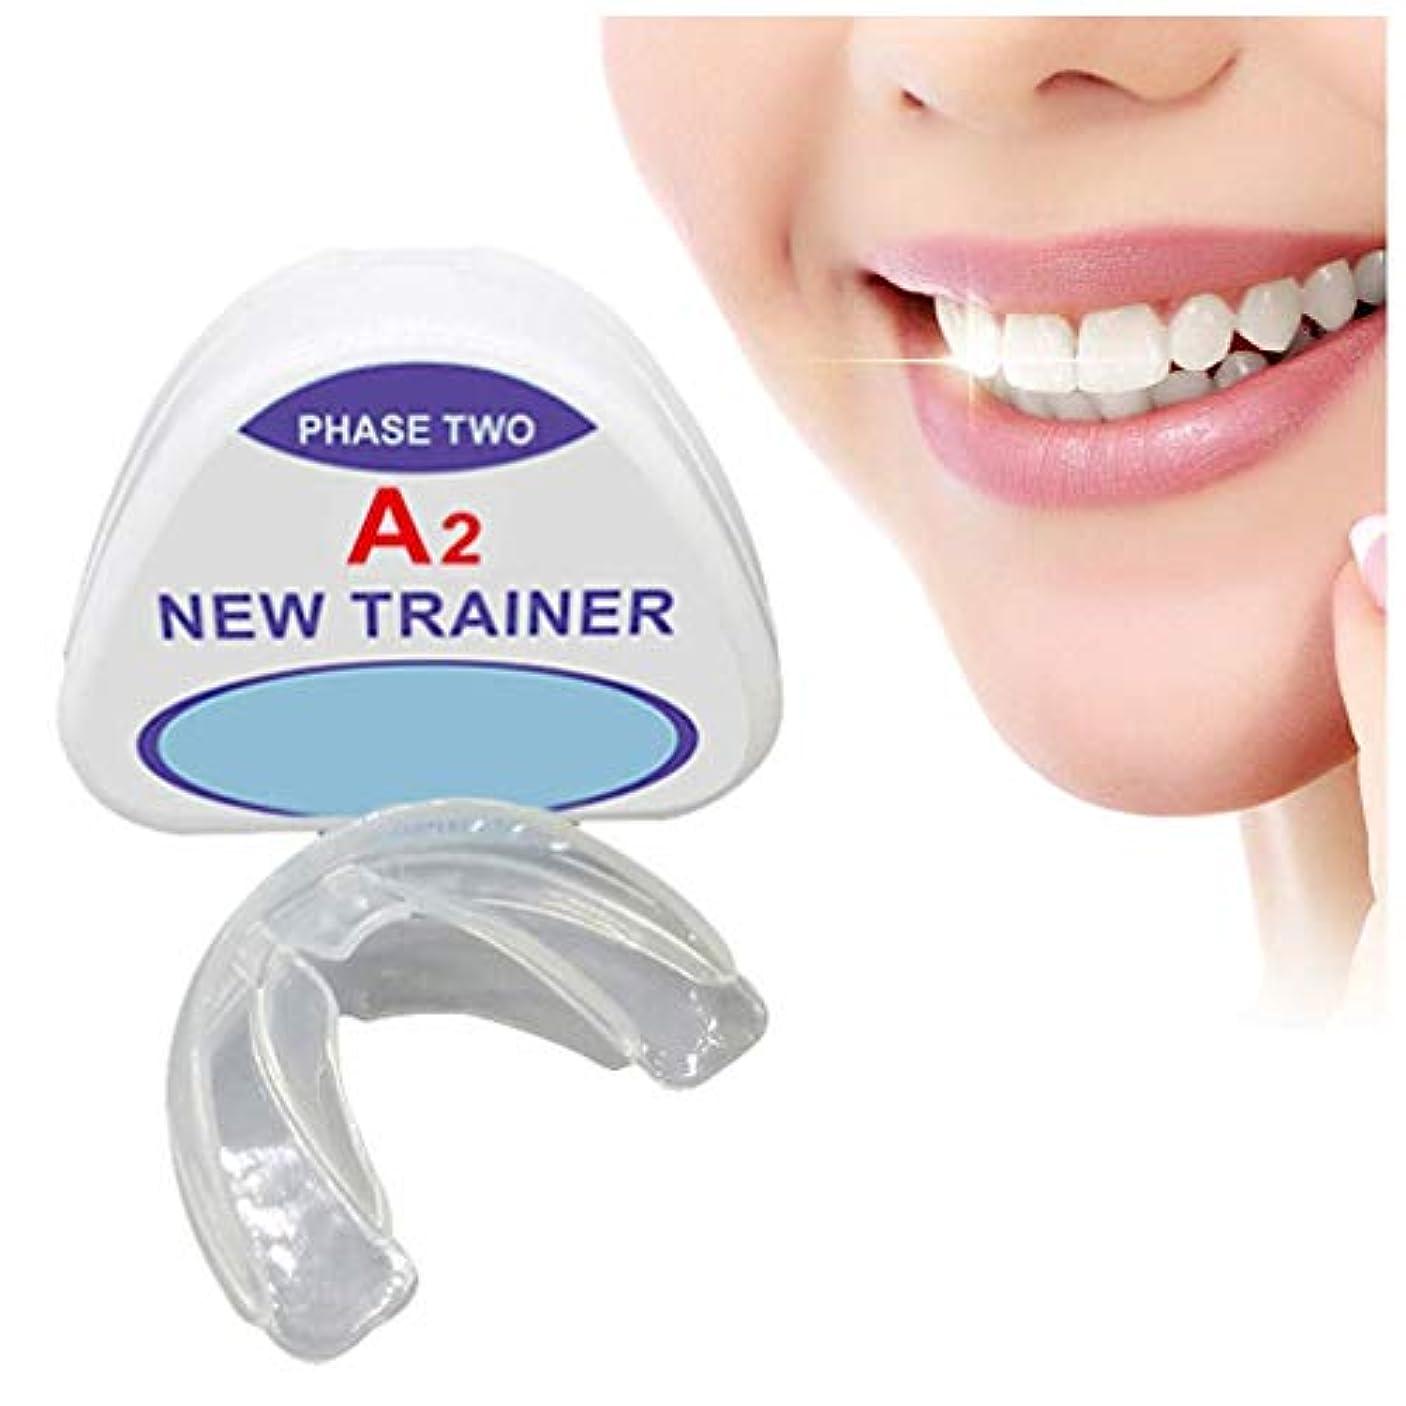 起こるリズム仲介者歯列矯正トレーナーリテーナー、歯科矯正ブレース、歯科マウスガード矯正器具、夜間予防臼歯ブレース、(2ステージ)、A1 + A2,A2